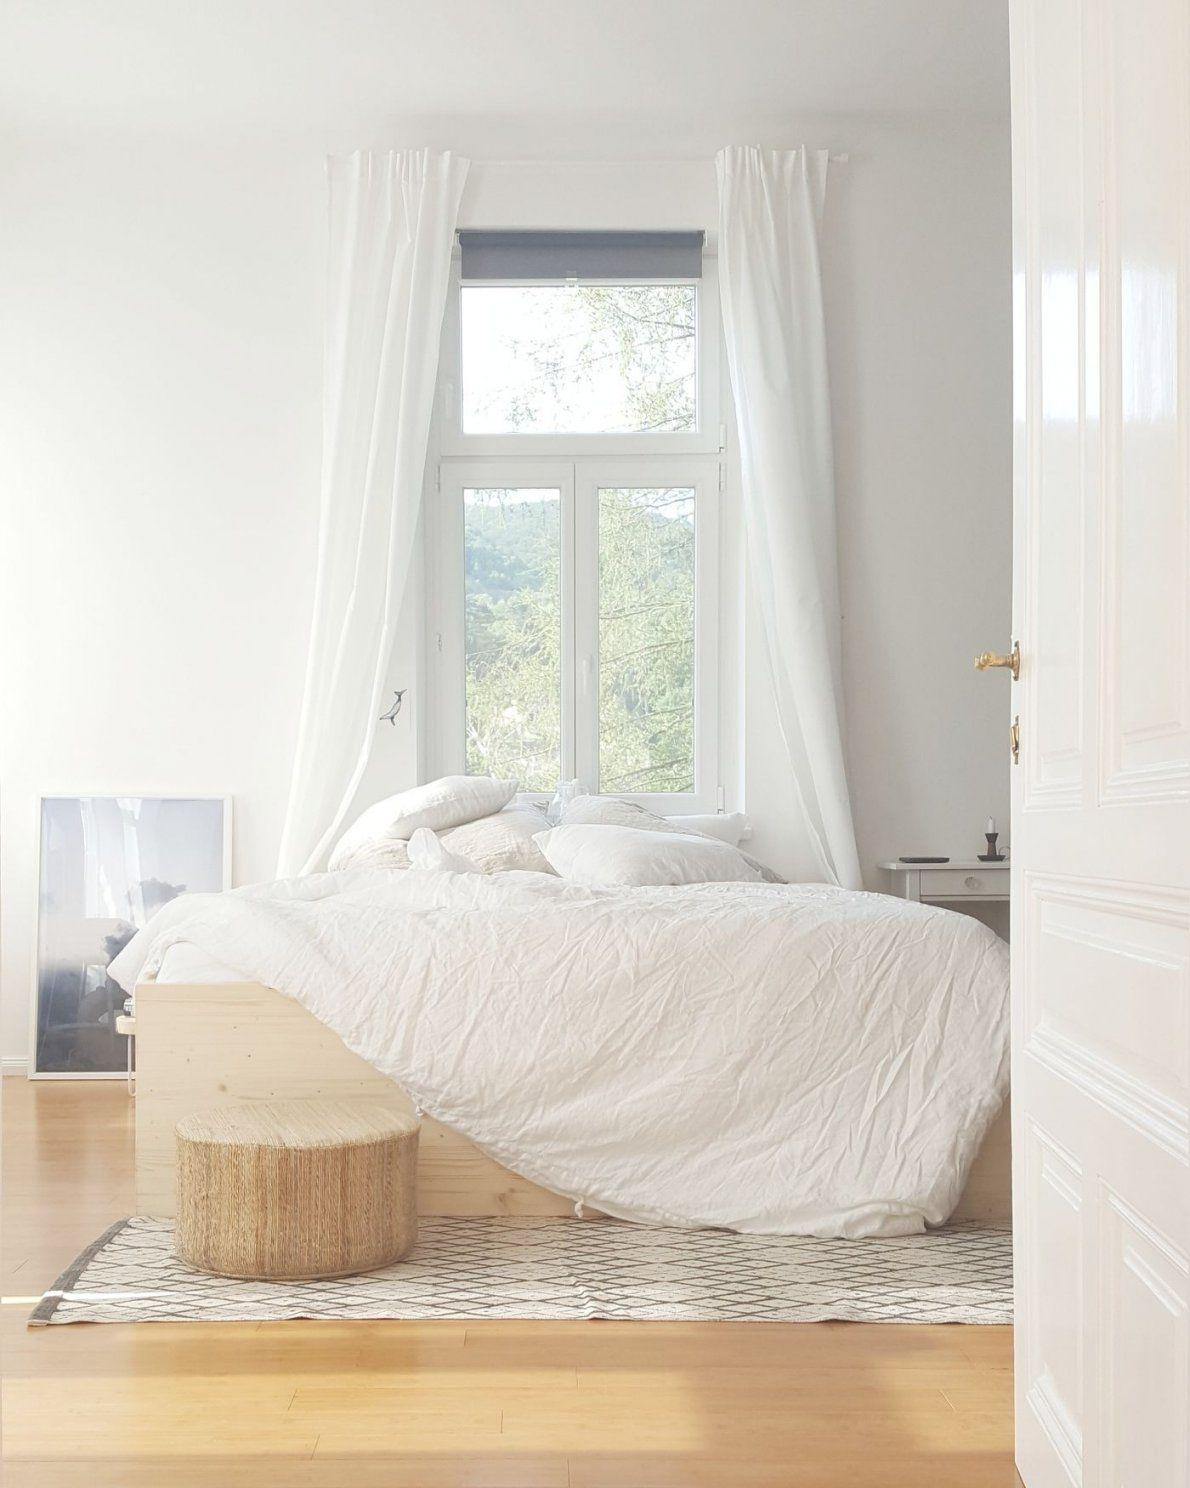 Betten Selber Bauen Die Besten Ideen Und Tipps von Plattform Bett Selber Bauen Photo